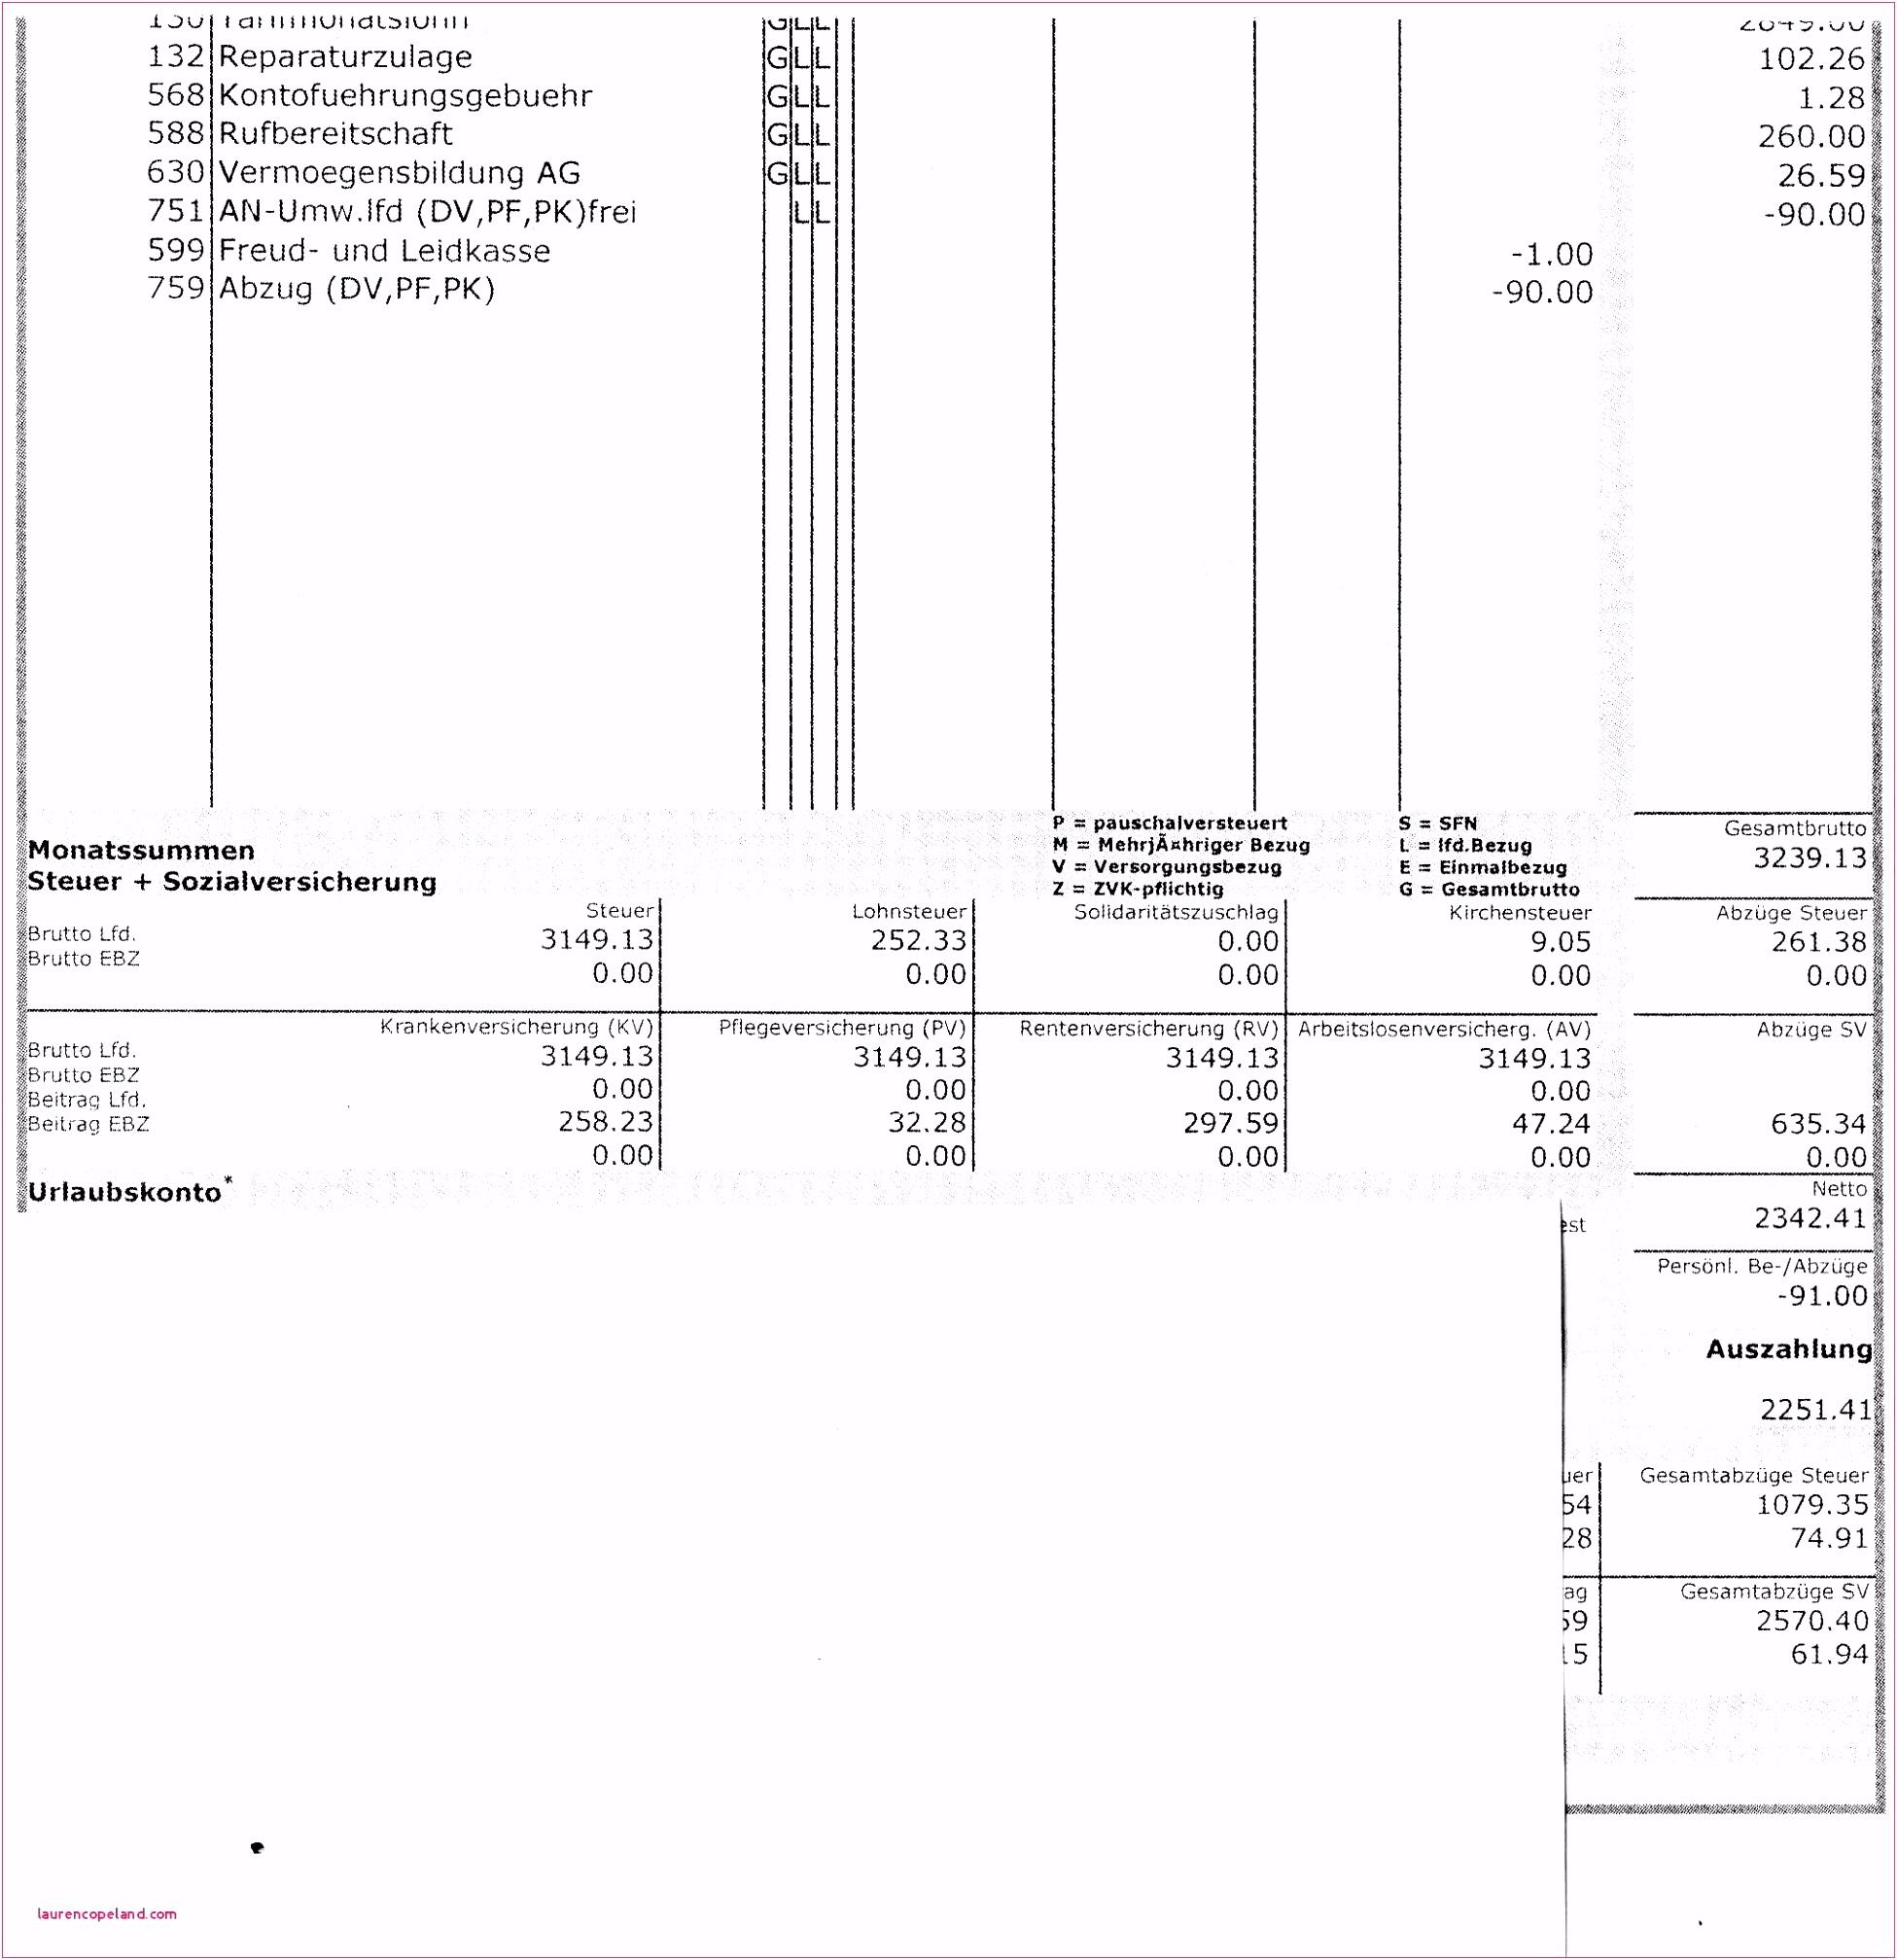 Excel App Kostenlos Fahrtenbuch Vorlage Genial Fahrtenbuch Vorlage